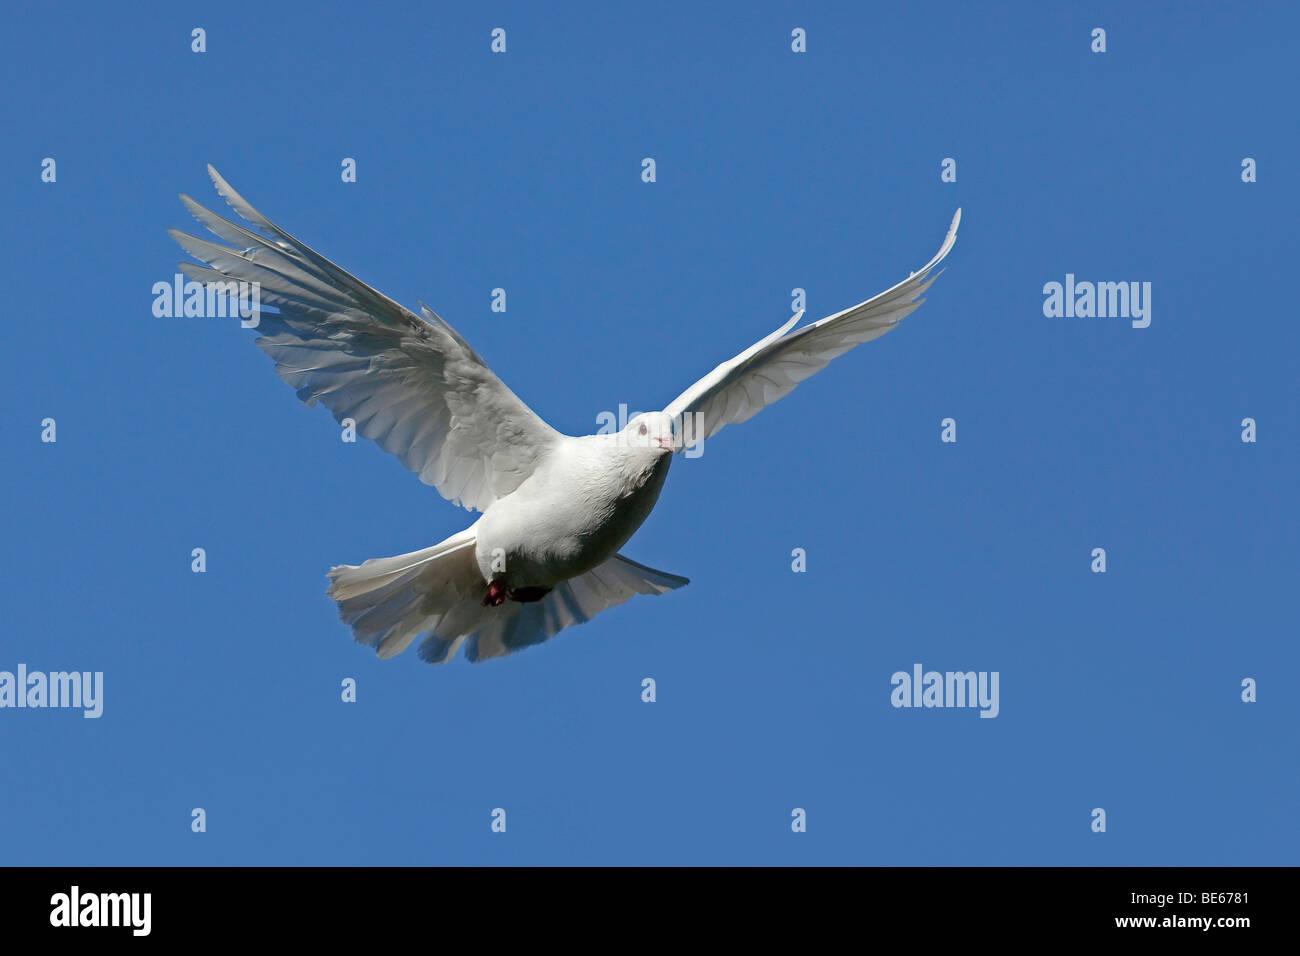 Pigeon domestique (Columba livia domestica). Colombe blanche en vol. Photo Stock